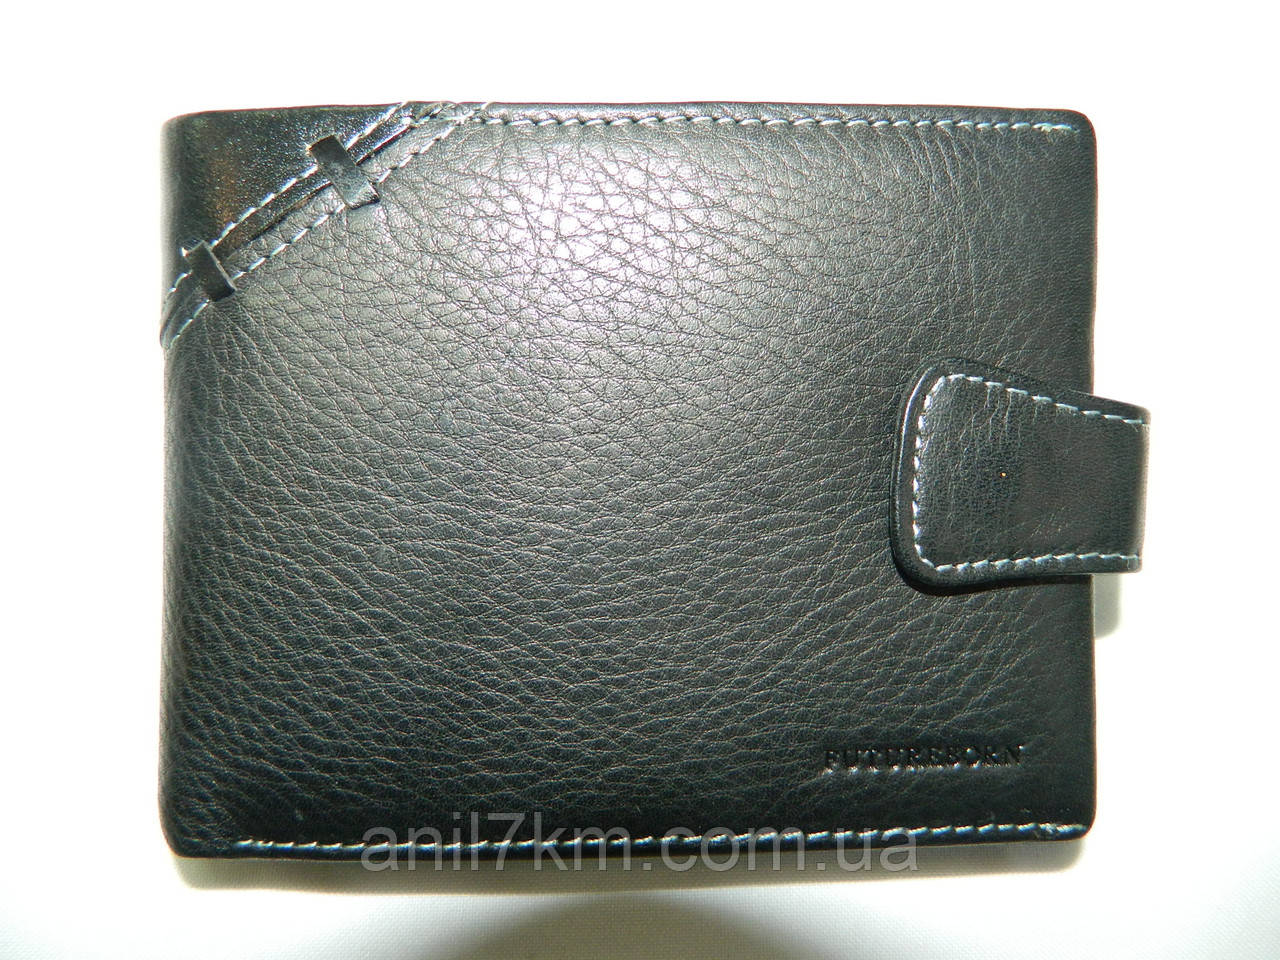 Мужской кожаный кошелёк-портмоне фирмы FUTUREBORN